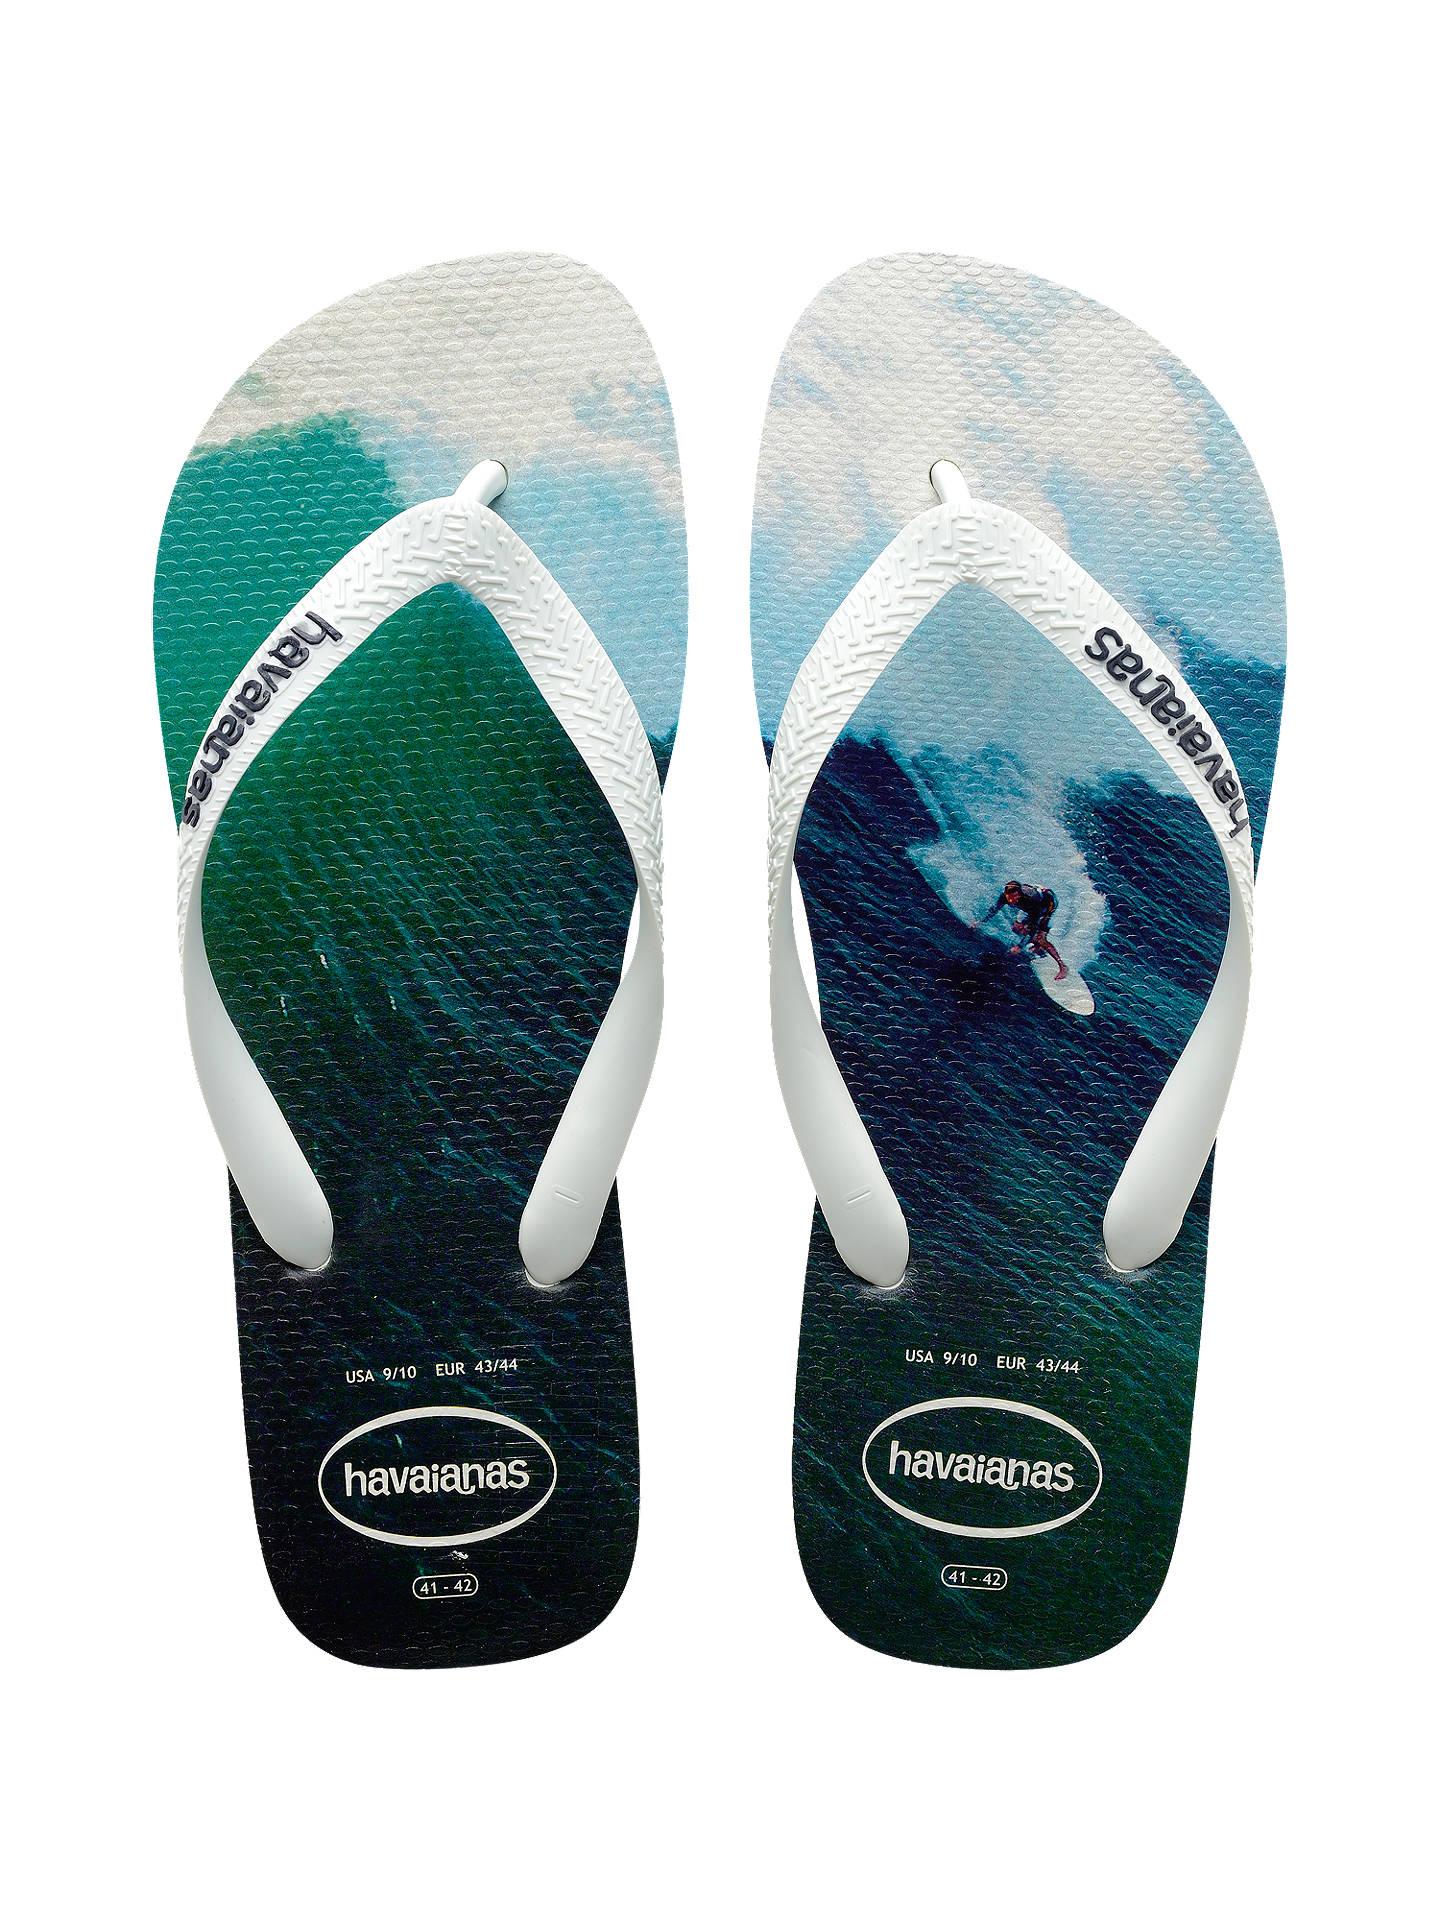 d7c79f47cc5866 ... Buy Havaianas Surfer Print Flip Flops